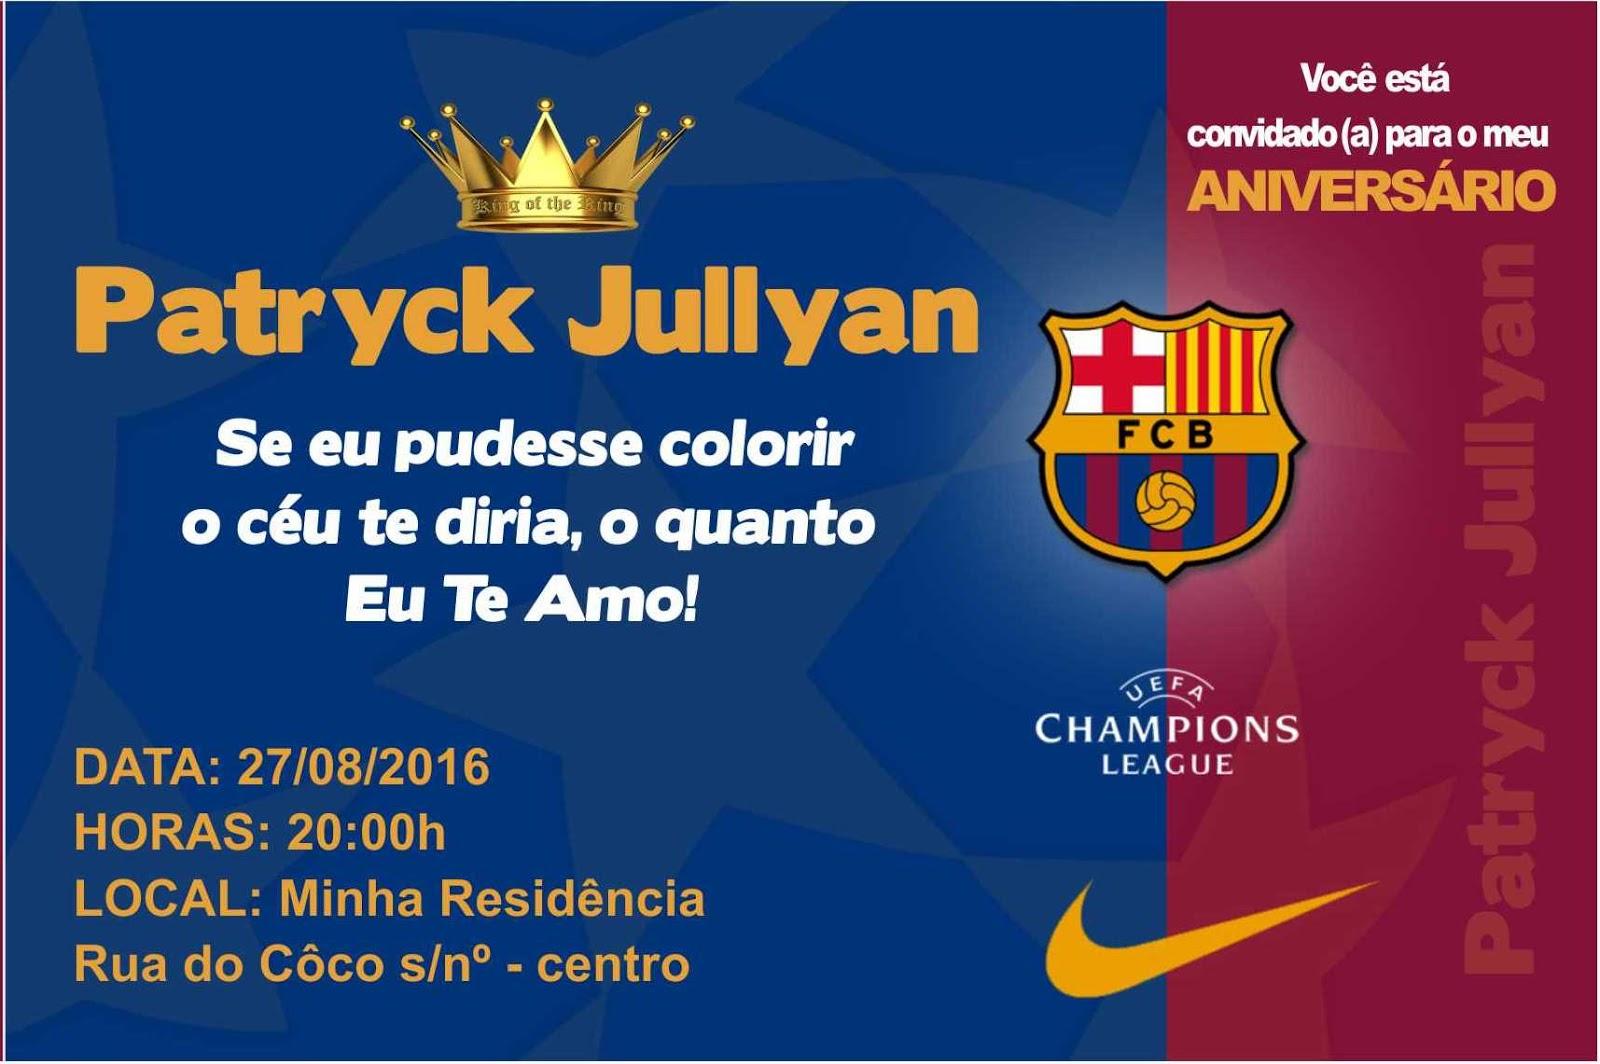 Joerk Design Grafico Convite De Aniversario Barcelona Conceição